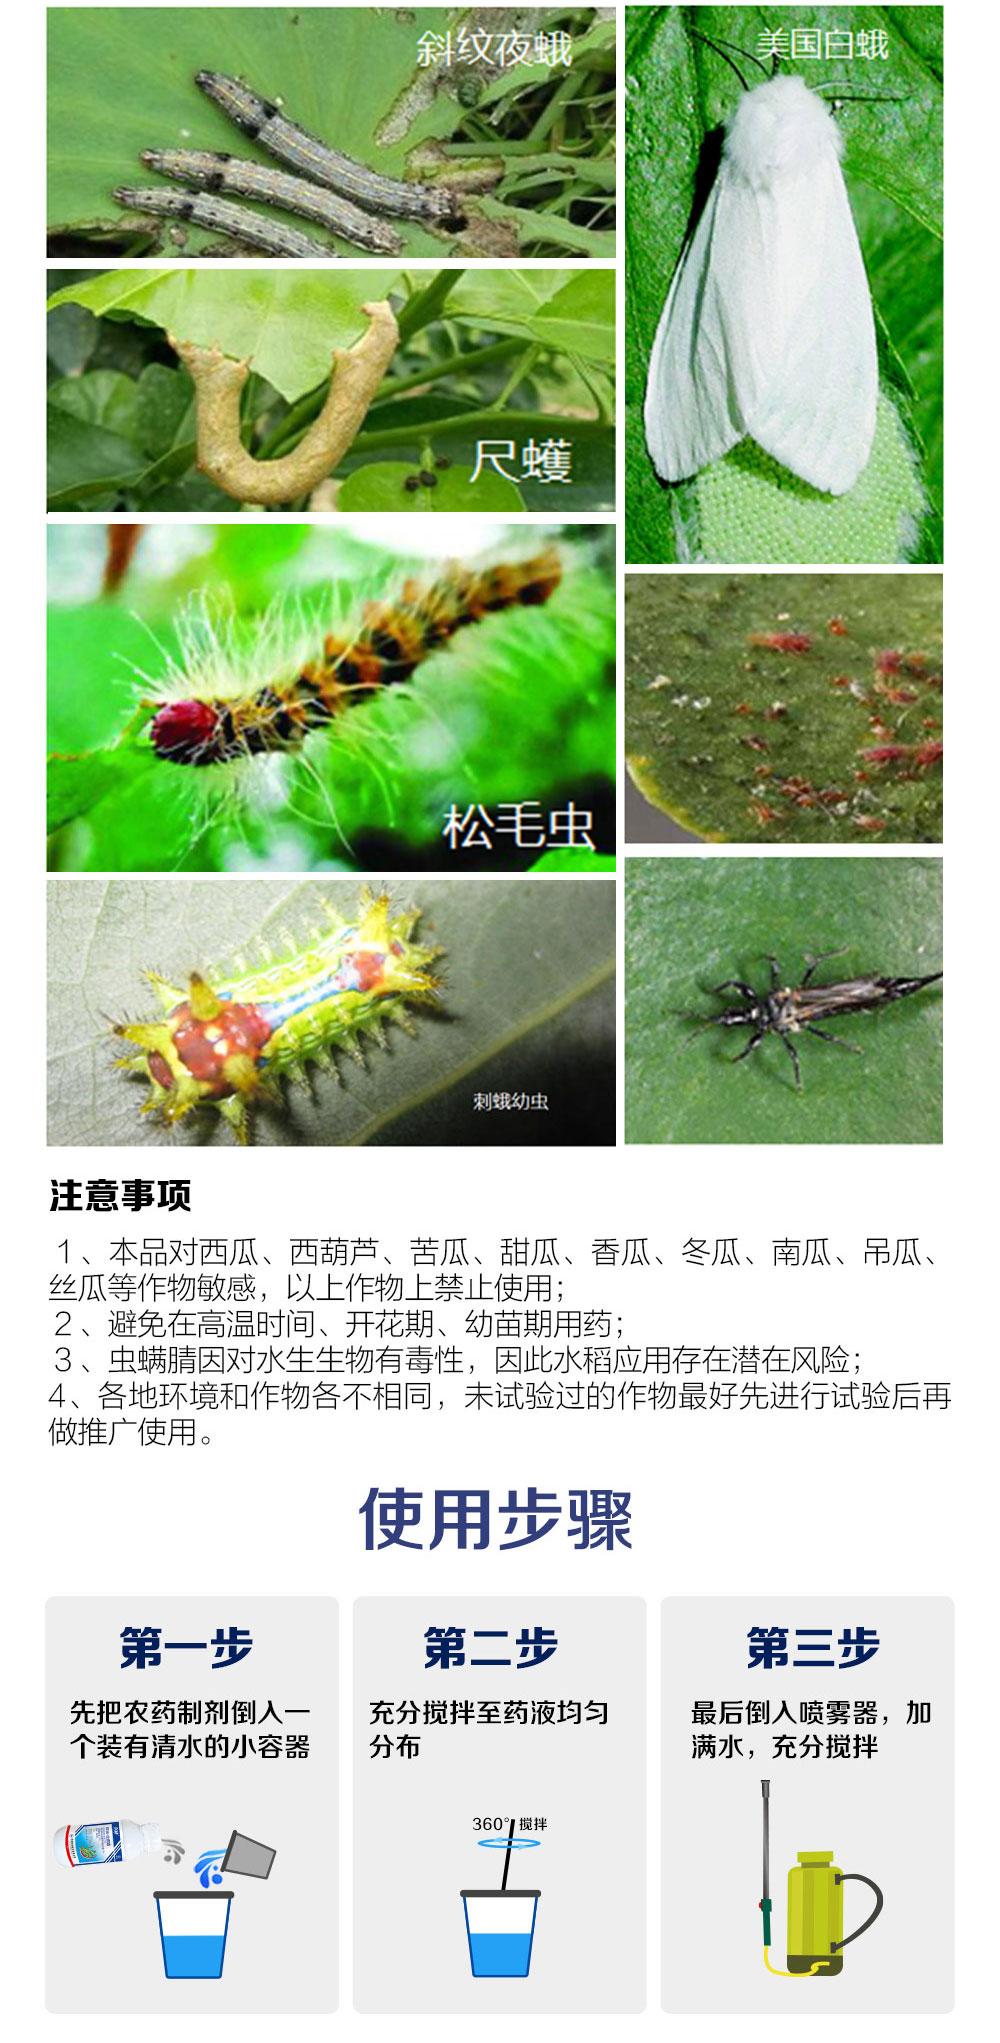 甲维虫螨腈-7_06.jpg